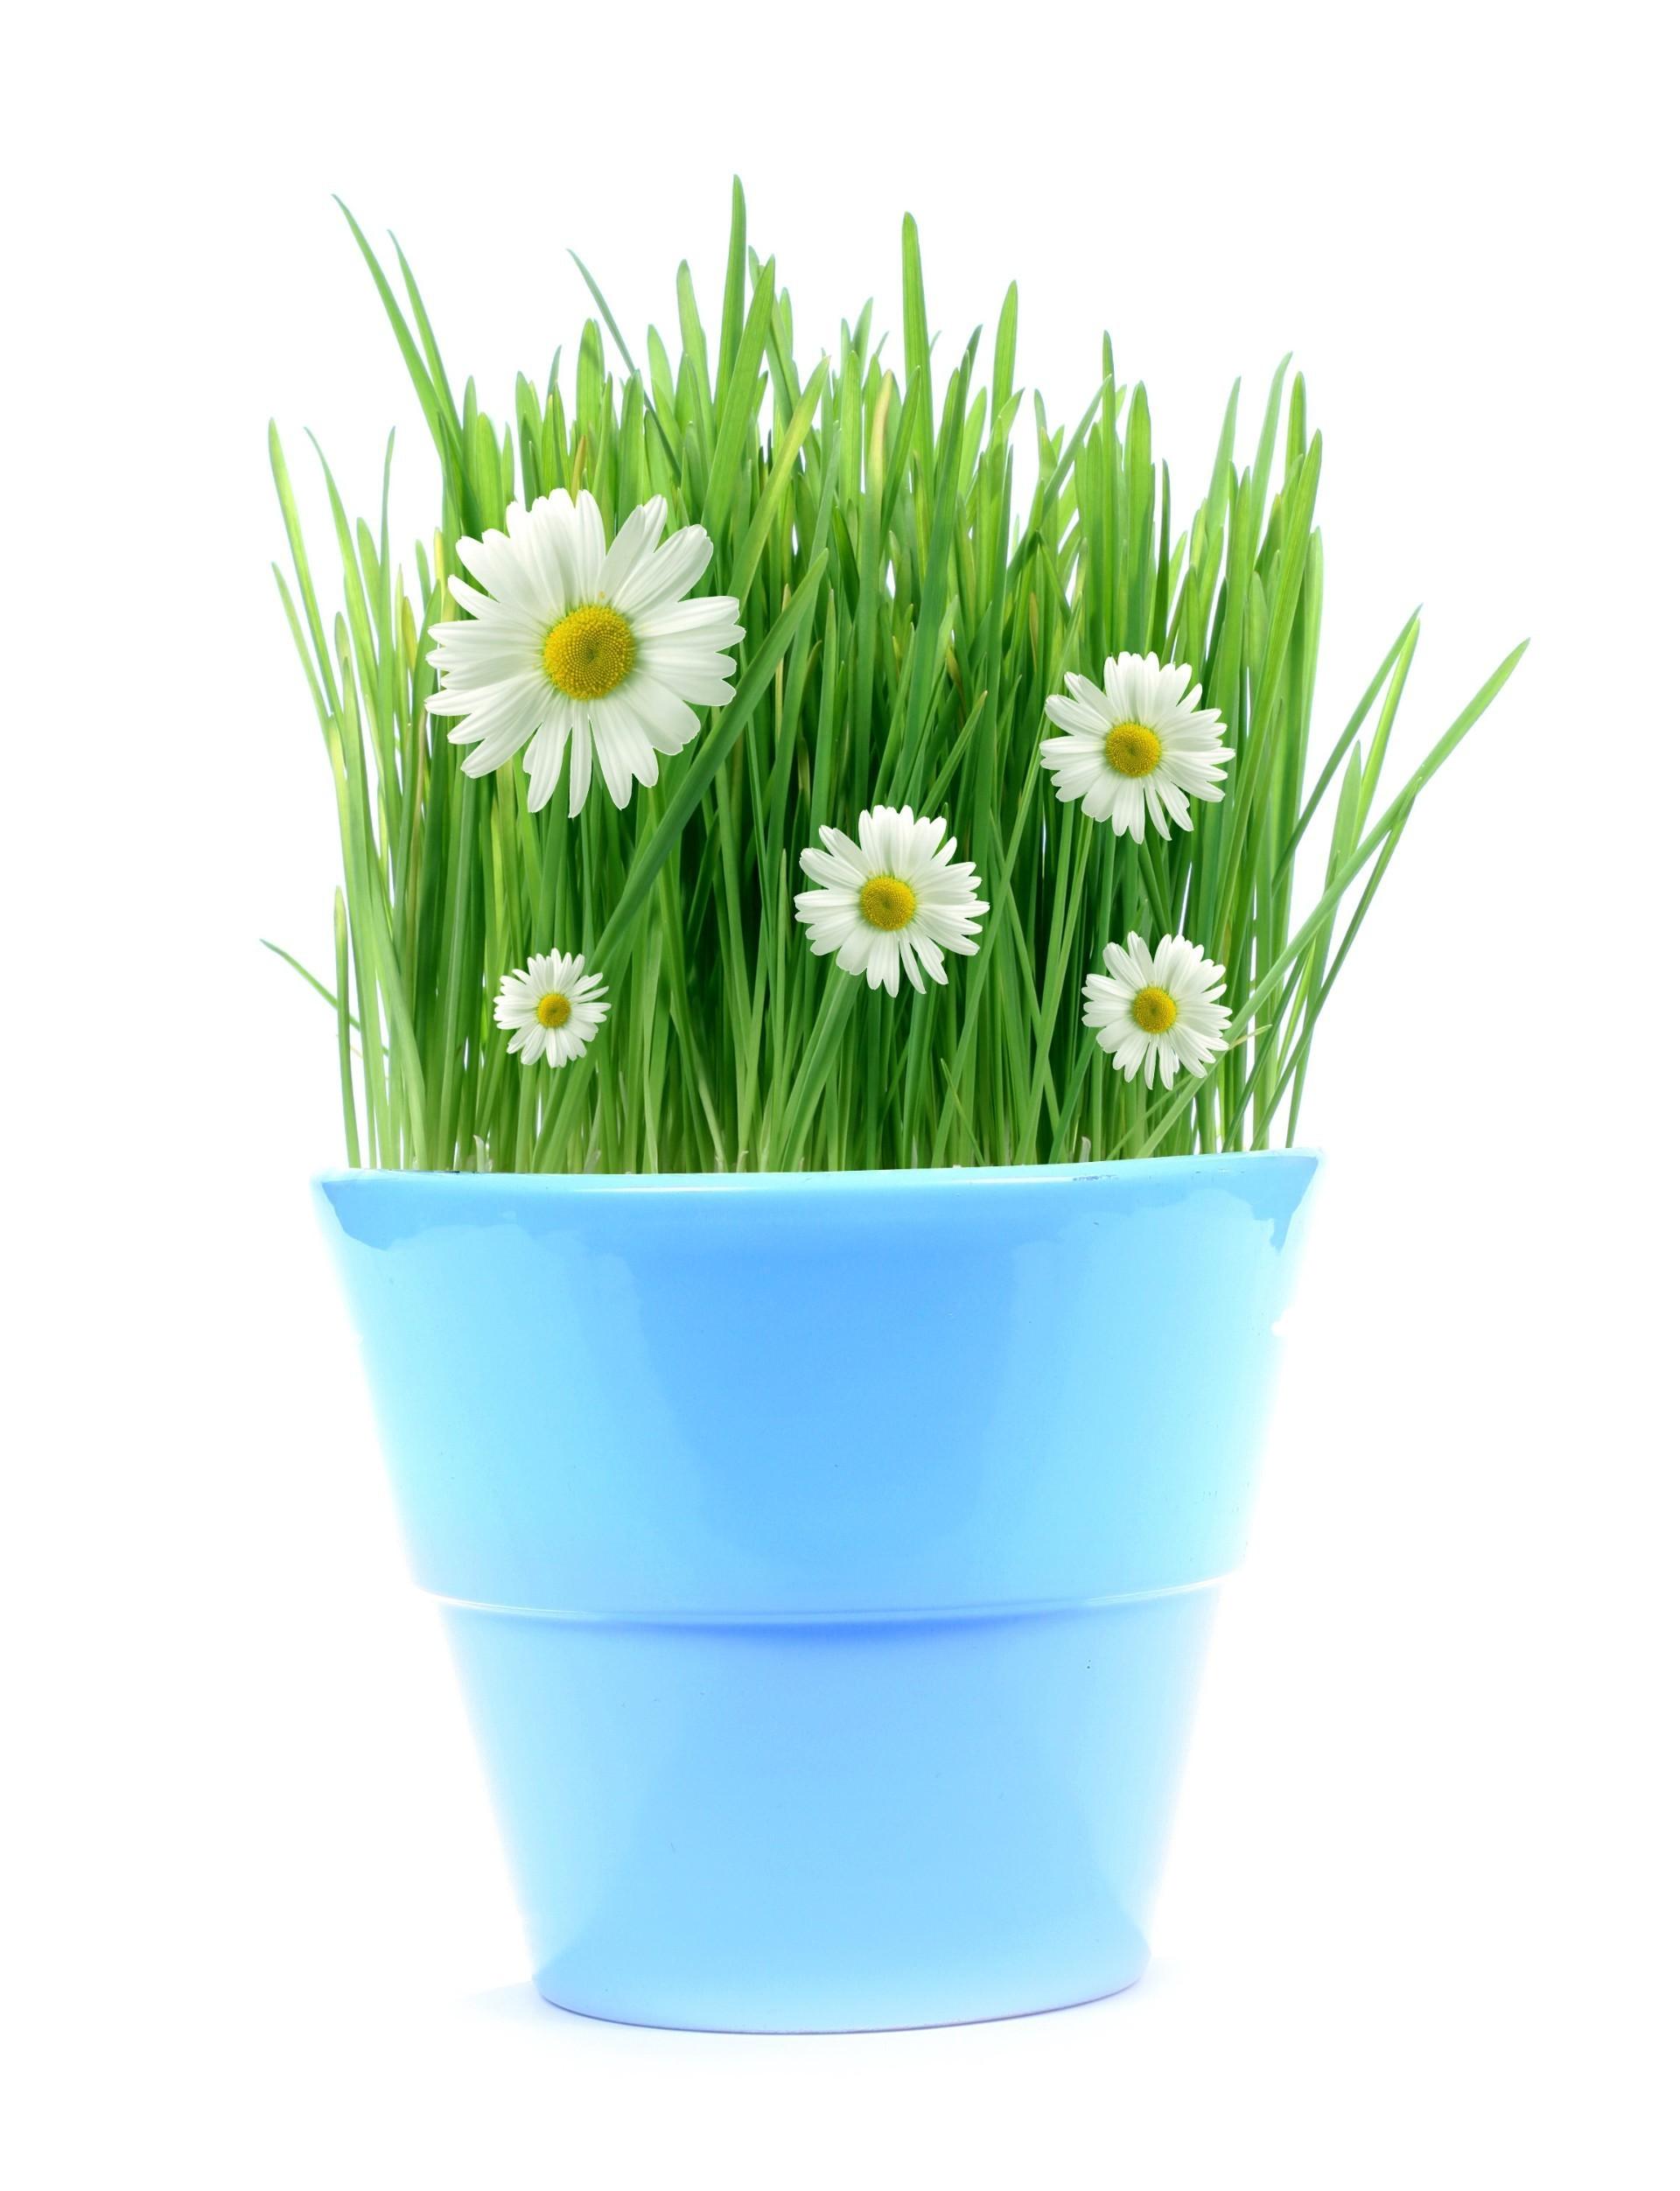 Картинки цветы в горшках на прозрачном фоне